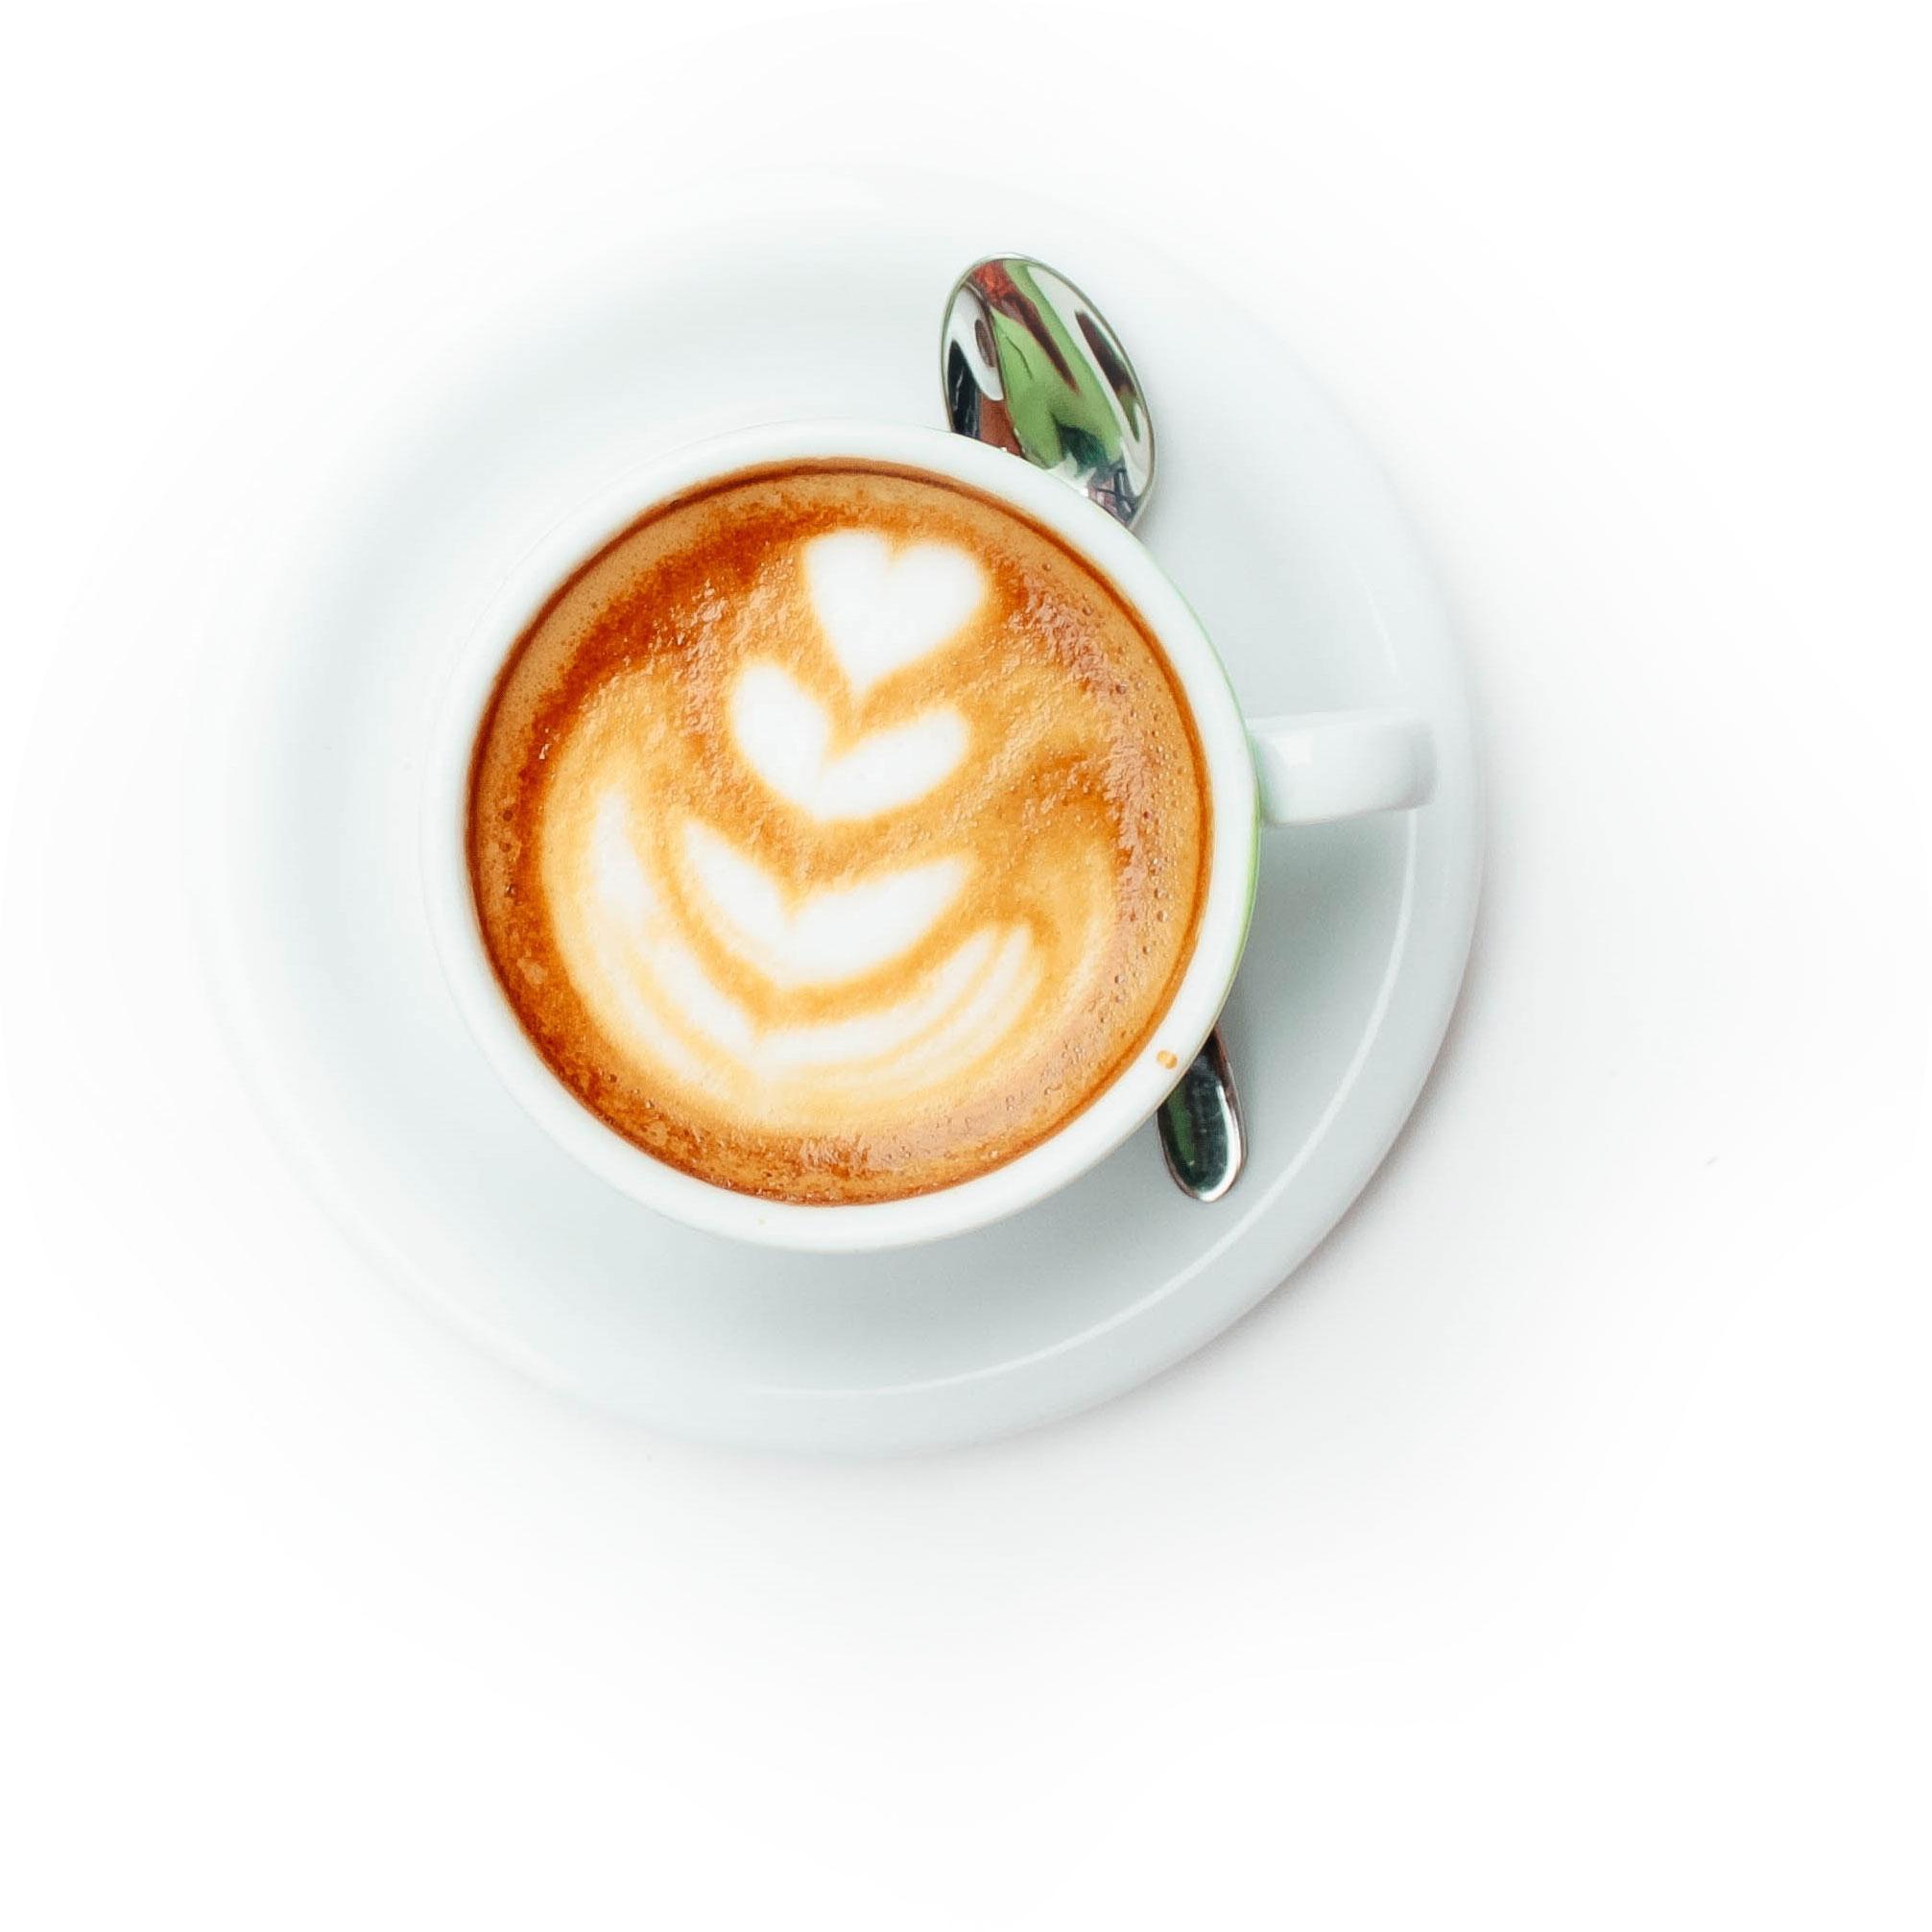 Kopje-koffie-Karin-Roos